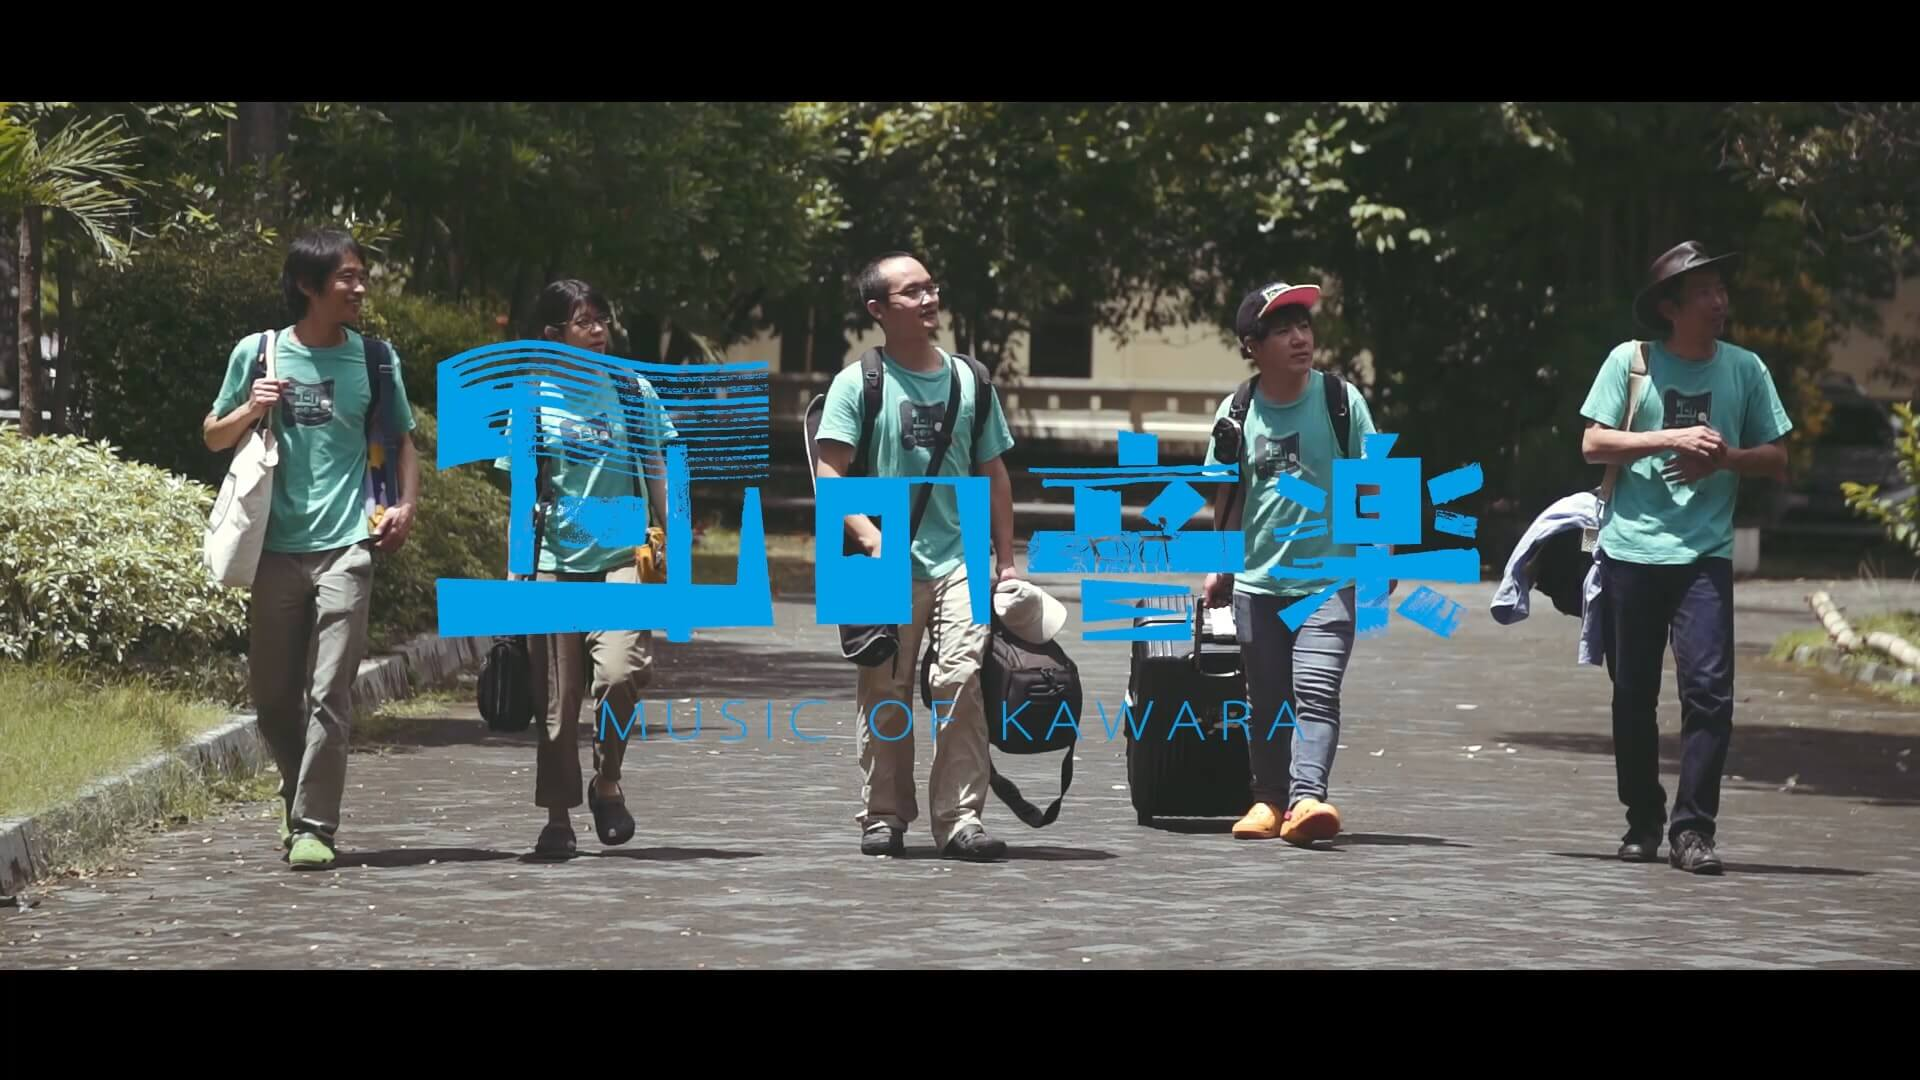 「瓦の音楽〜淡路瓦、インドネシアに渡る〜